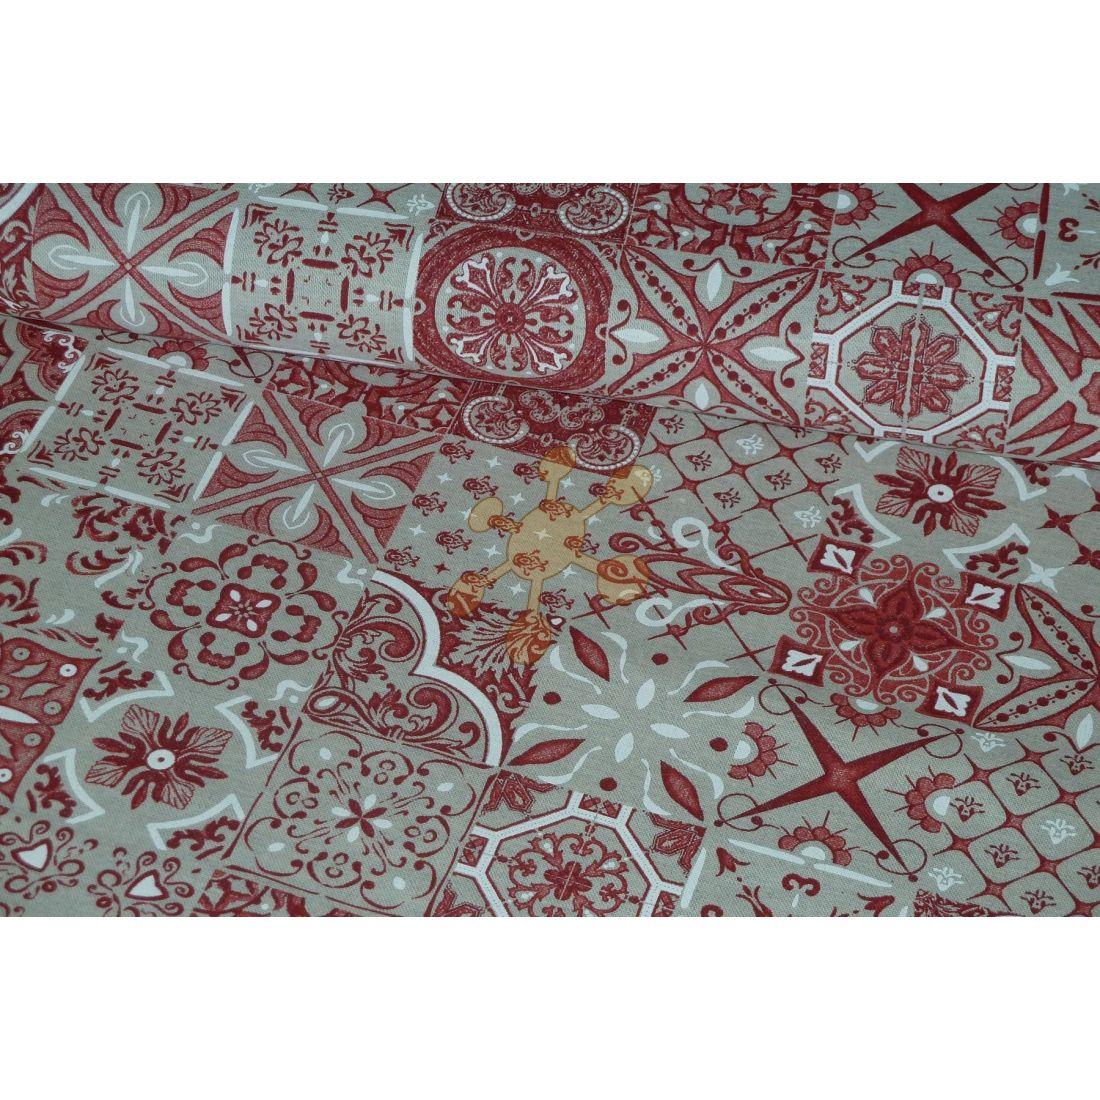 18642c3feaae slovab - LÁTKY VŠETKY - Patchwork červené kachličky